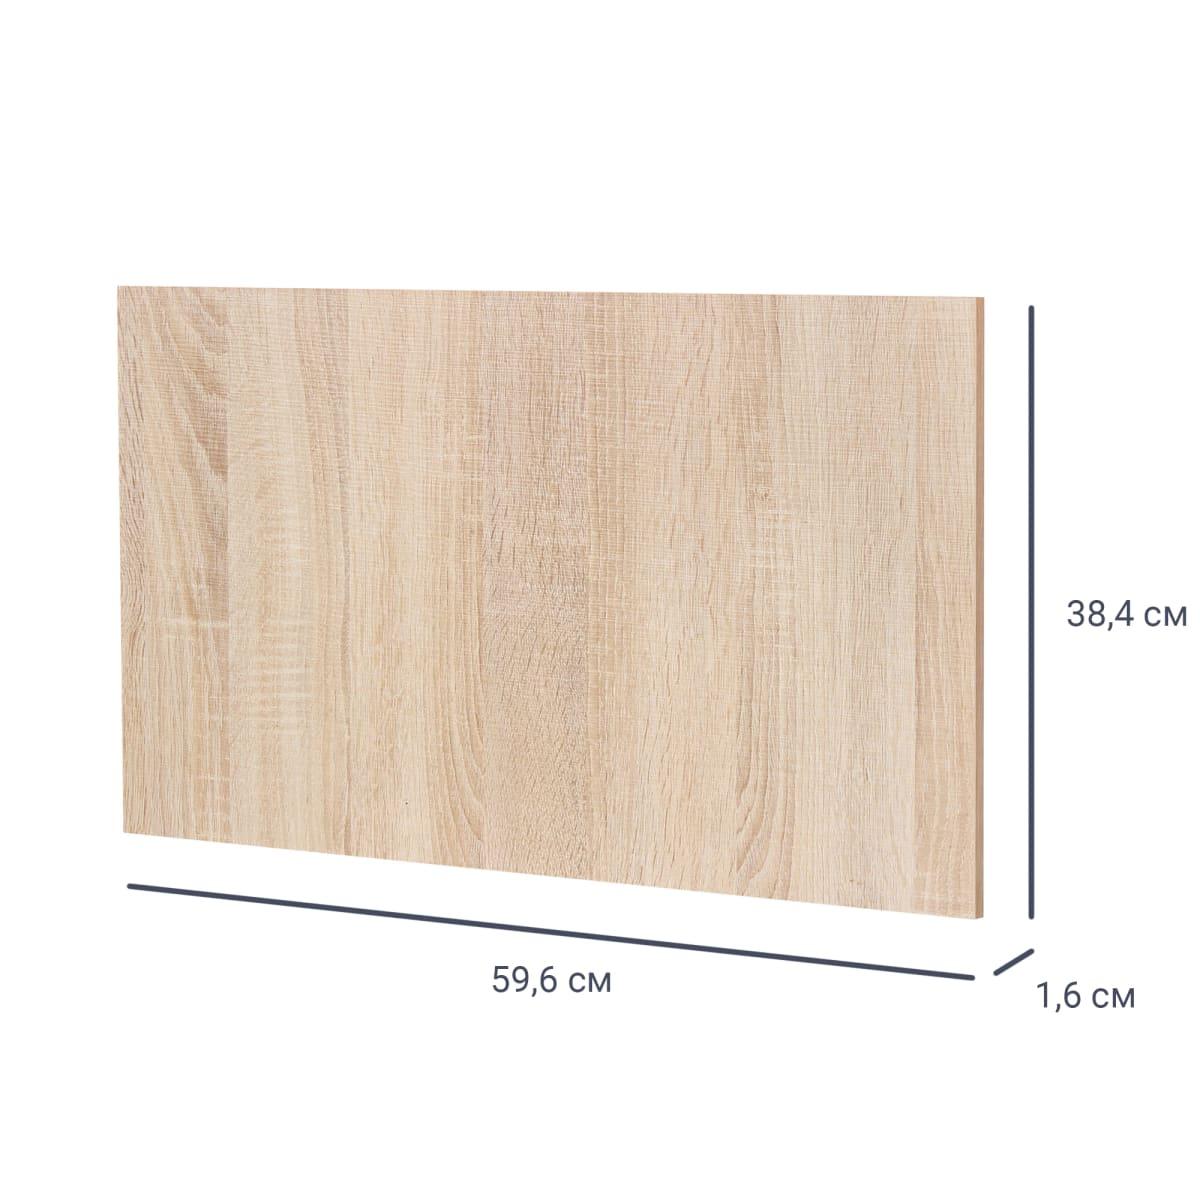 Дверь МФ 38x59.6x1.6 см, цвет дуб сонома